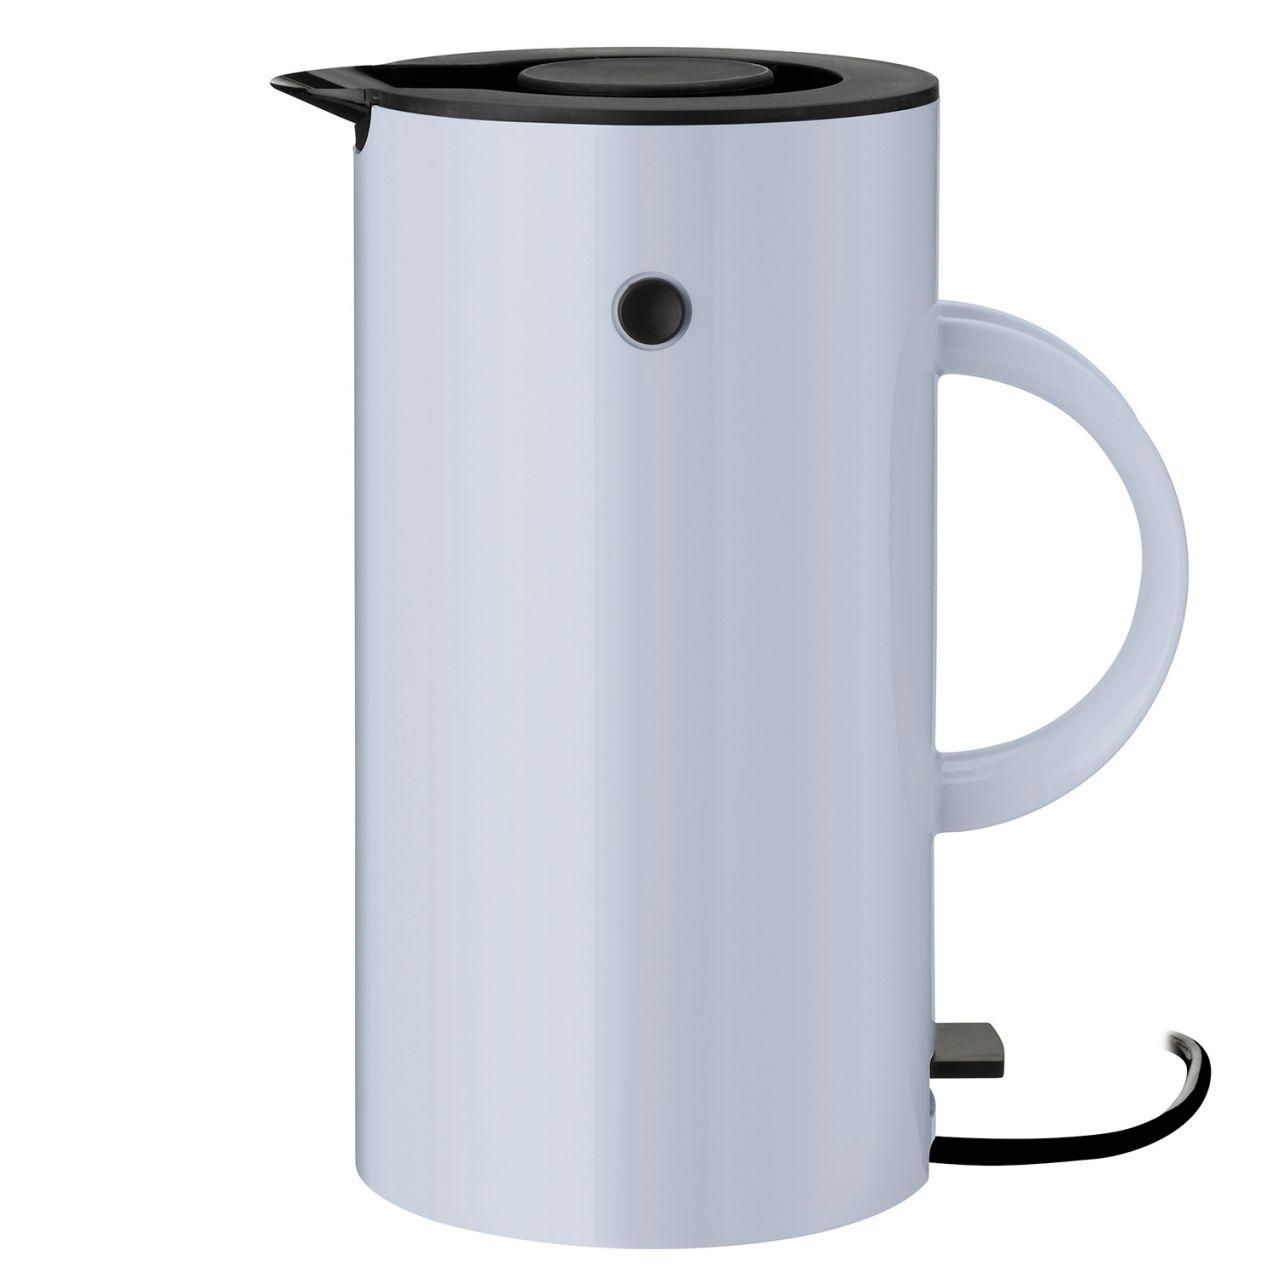 stelton - EM77 Wasserkocher 890-3